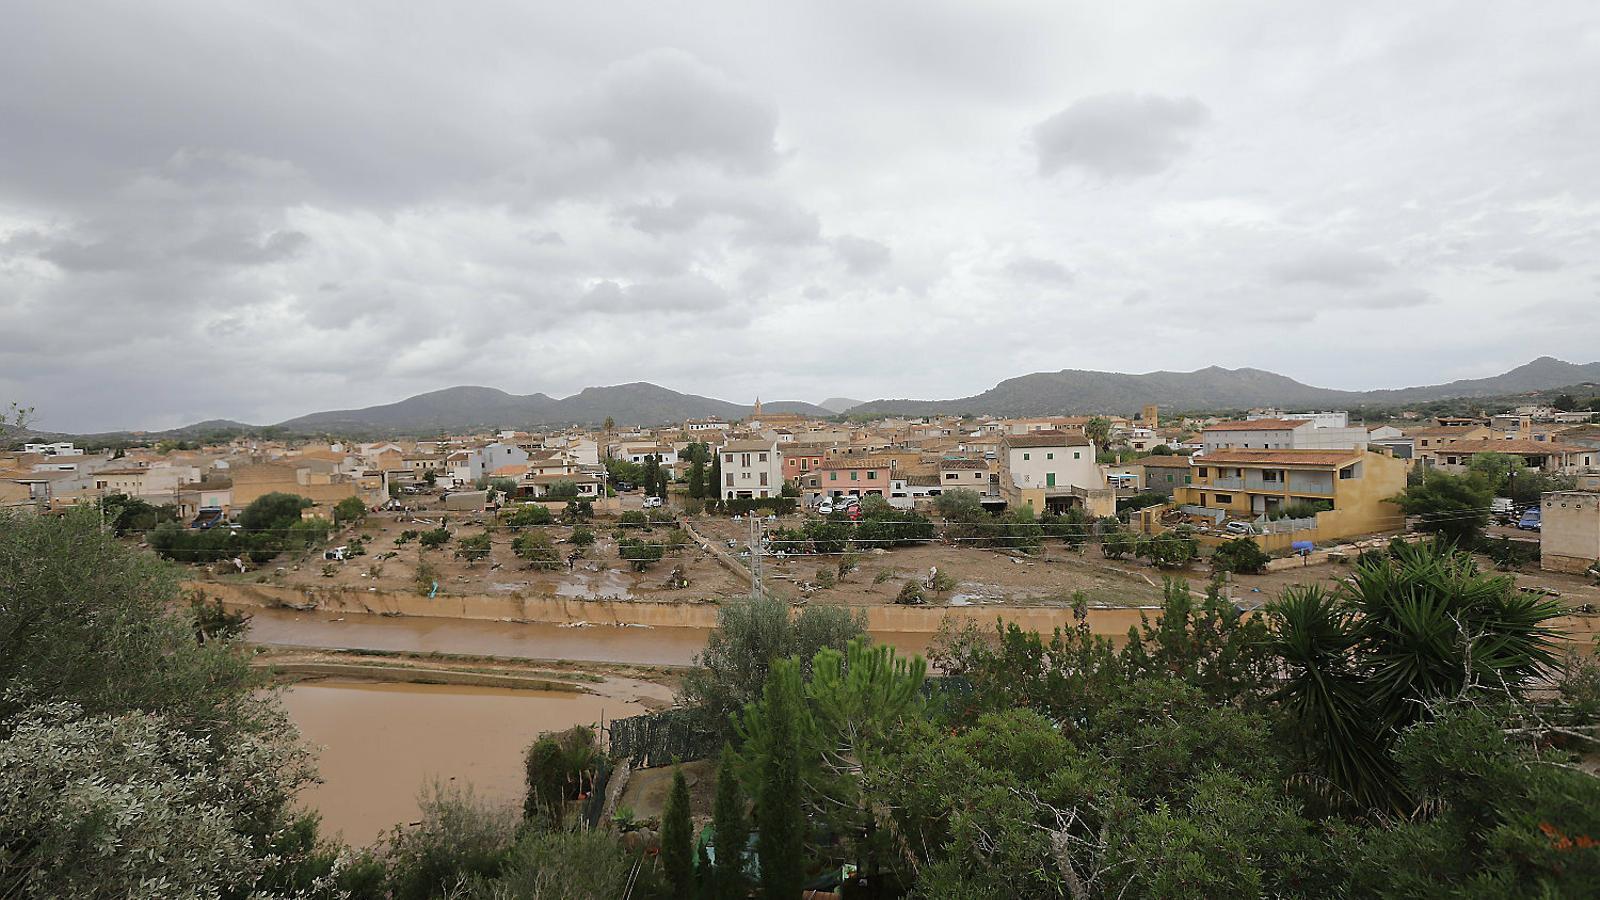 El cabal del torrent de Sant Llorenç quasi arribà a ser com el del riu Ebre en només 15 minuts